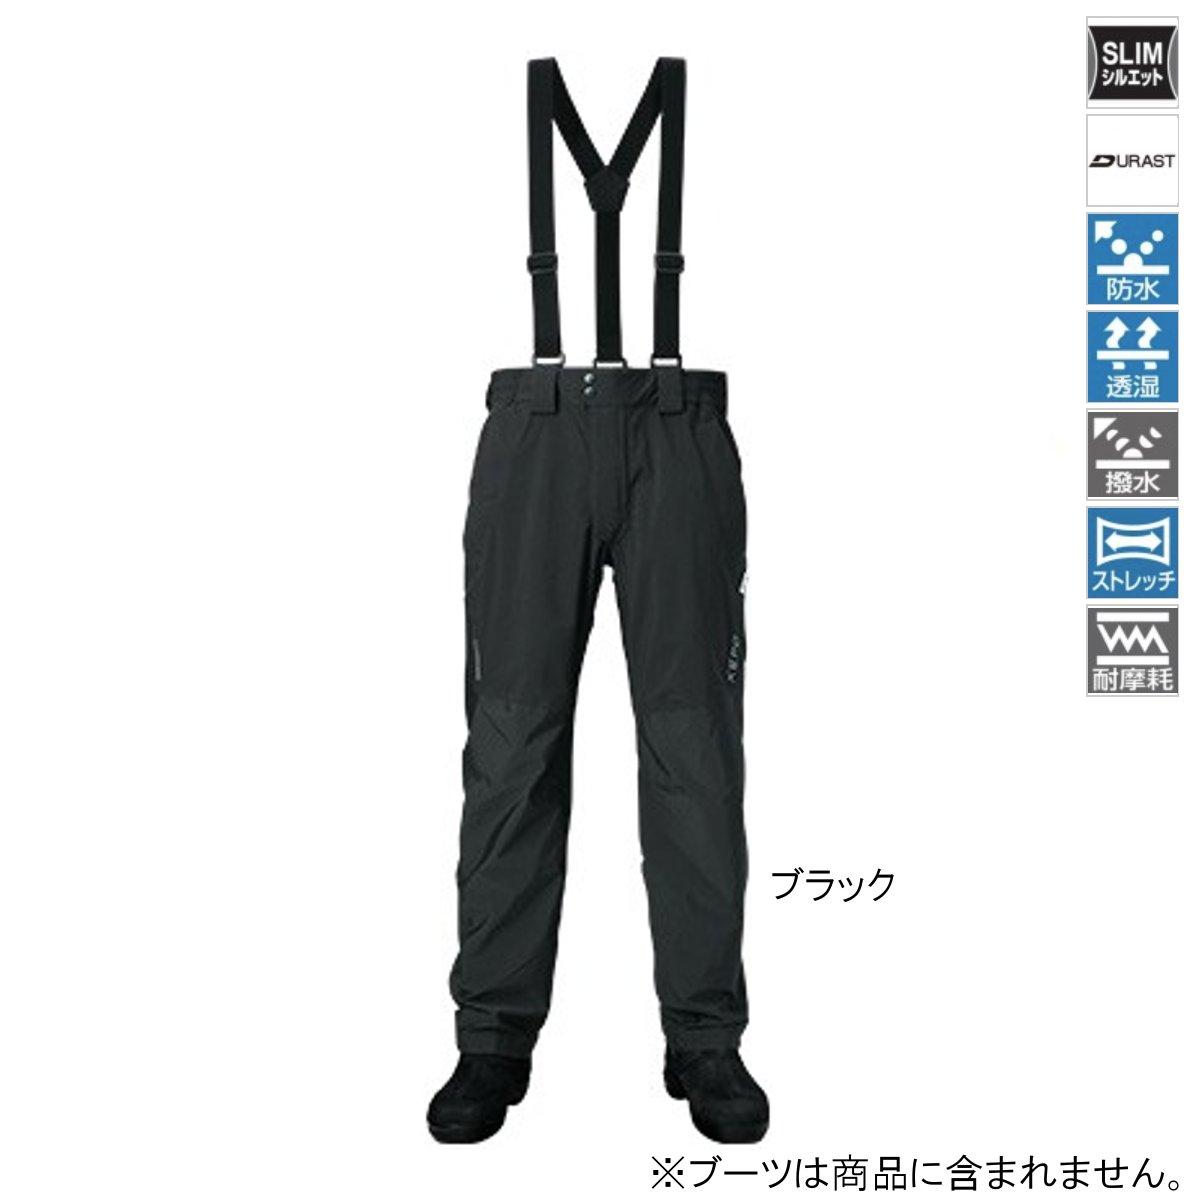 シマノ XEFO・DURASTレインパンツ RA-22PS XL ブラック【送料無料】